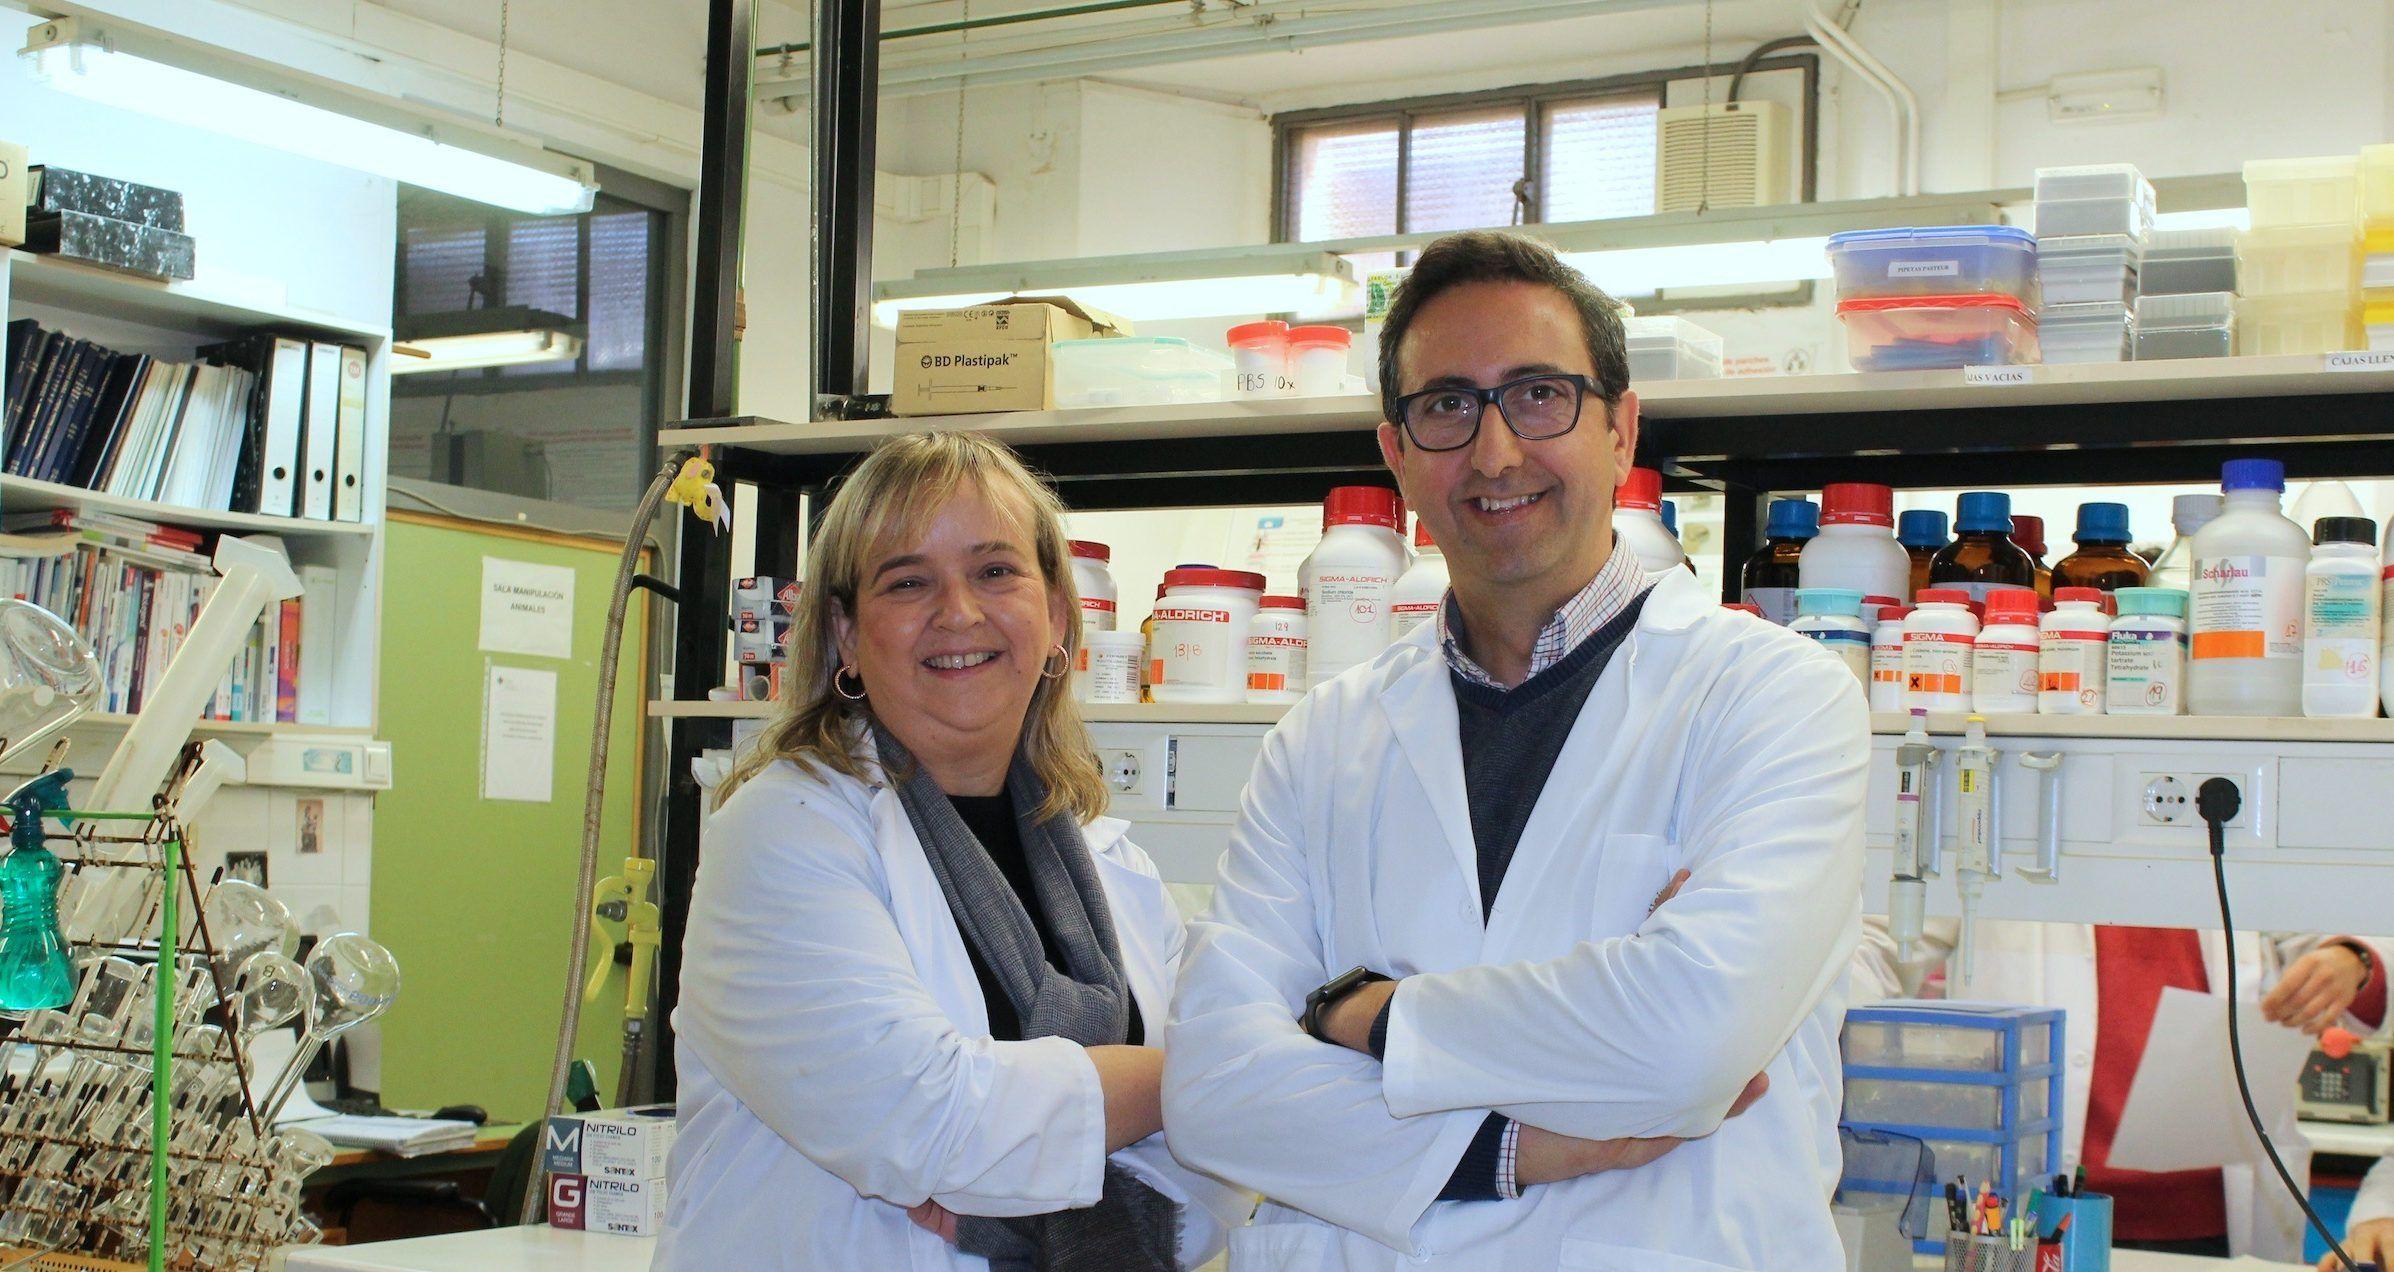 Los profesores de la CEU-UCH María Miranda y José Miguel Soria, que han dirigido al equipo investigador del Instituto de Ciencias Biomédicas de esta Universidad valenciana.